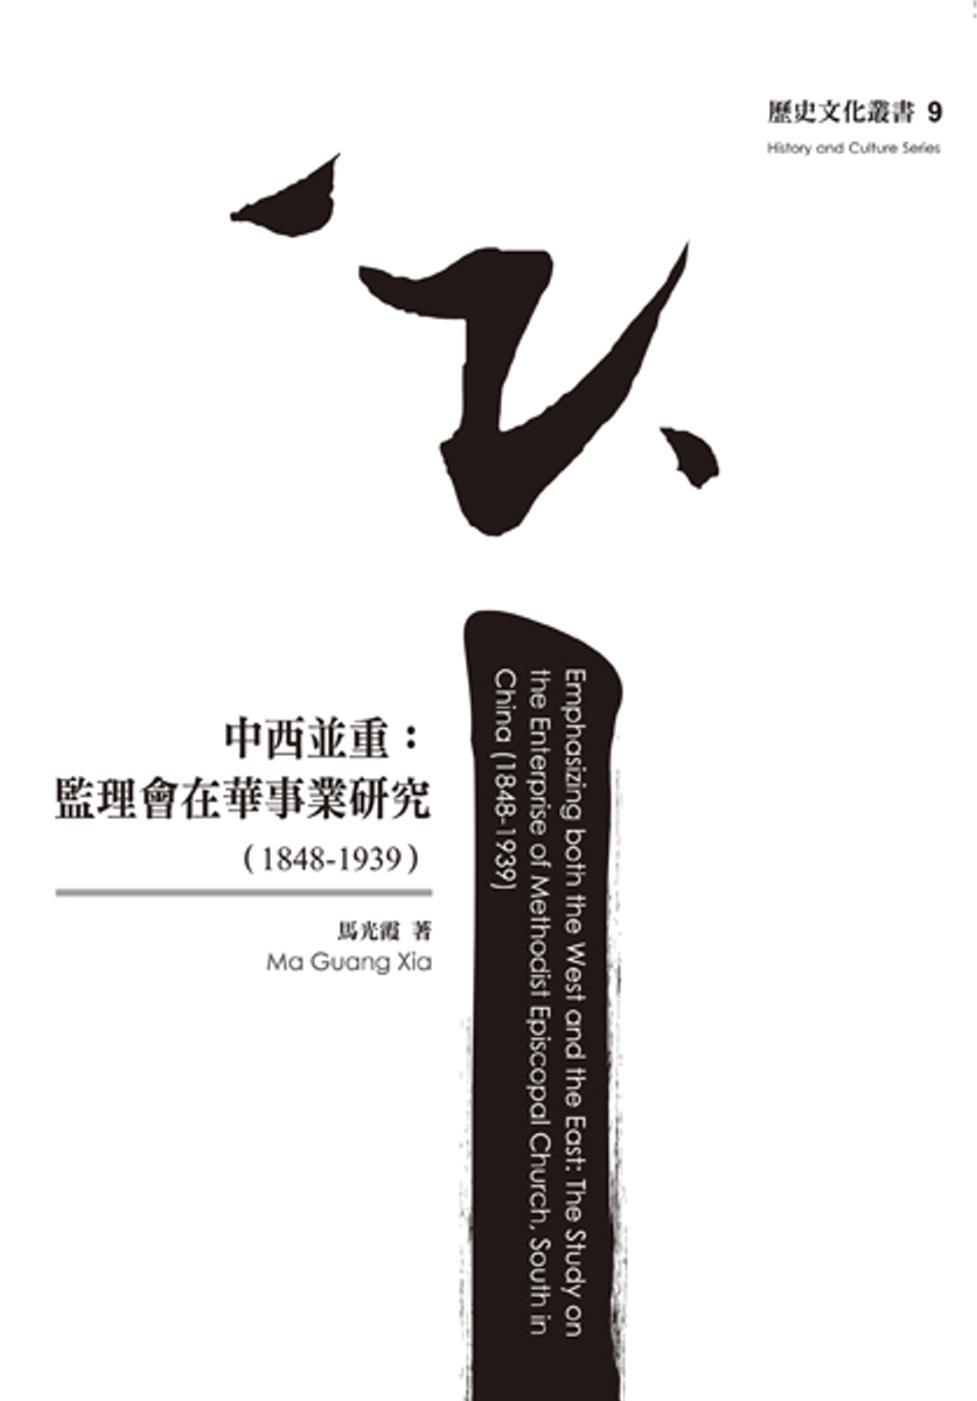 中西並重:監理會在華事業研究(1848-1939)